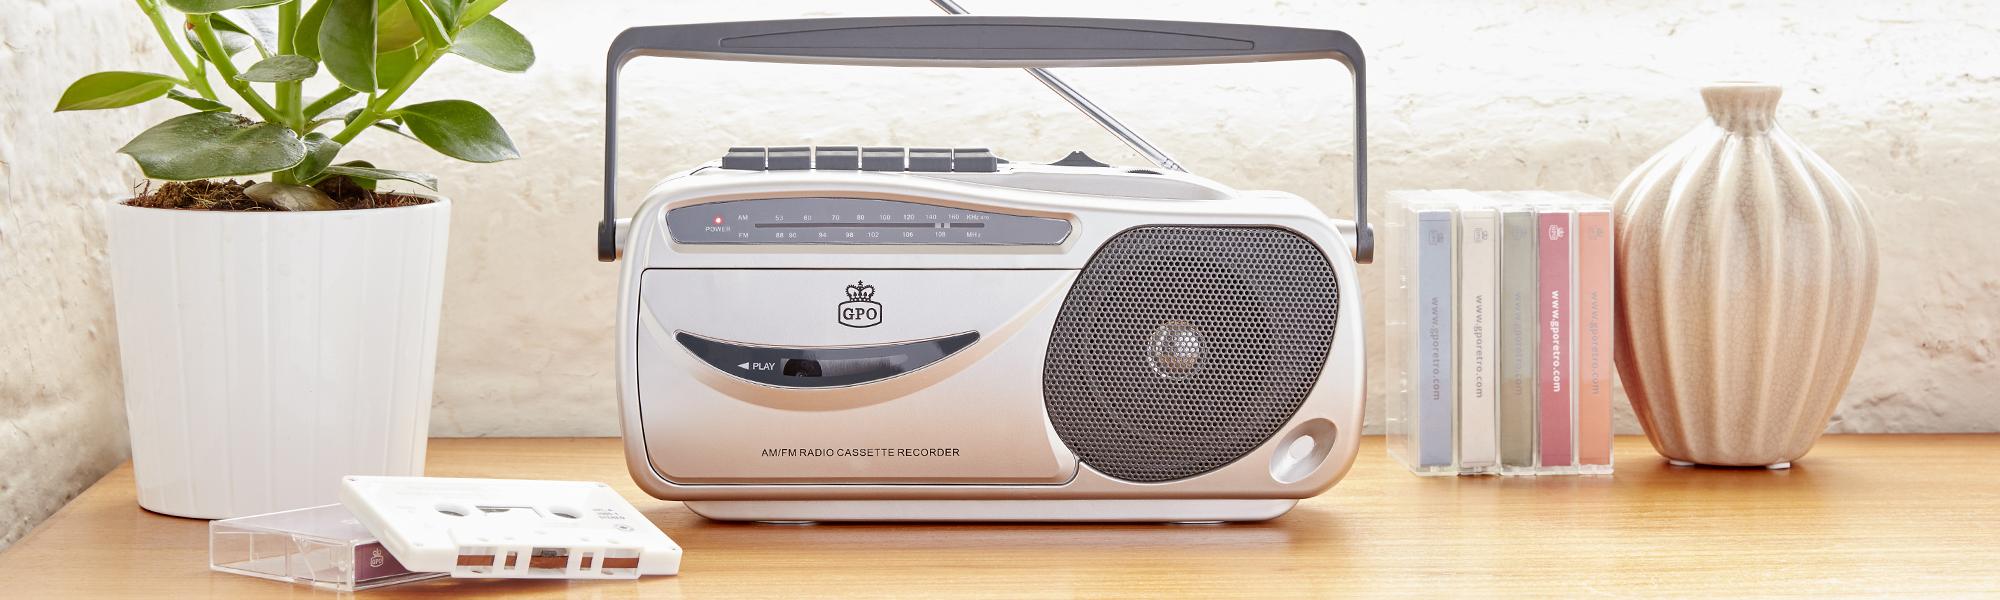 9401 AM FM Cassette Recorder